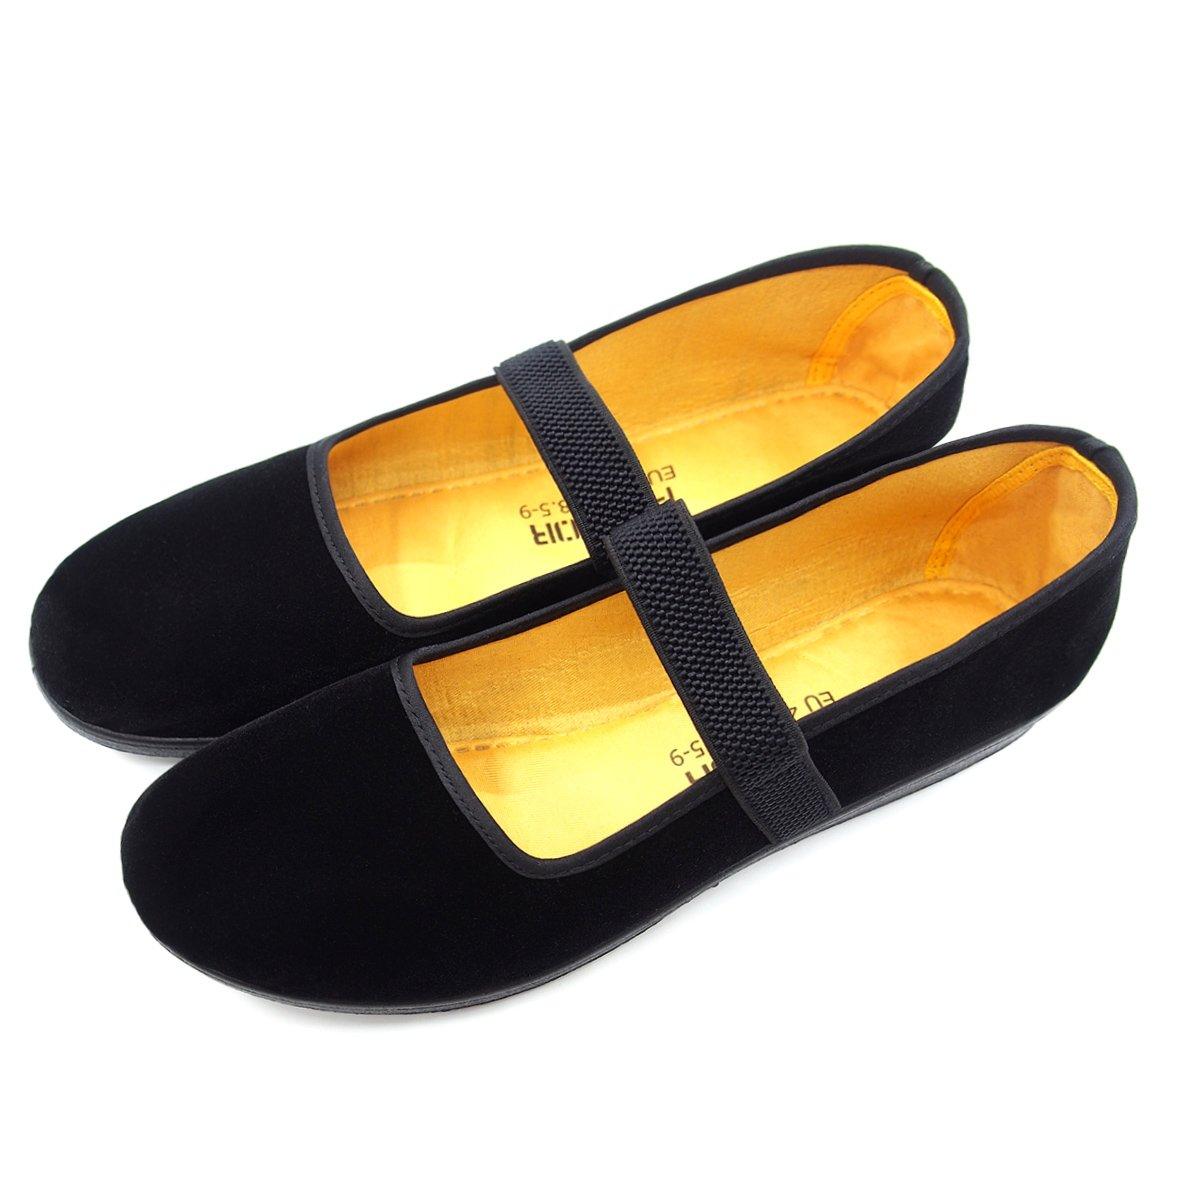 pestor Women's Velvet Mary Jane Shoes Ballerina Ballet Flats Yoga Exercise Dance Shoes (EU 37| US 6.5, Black-Elastic)